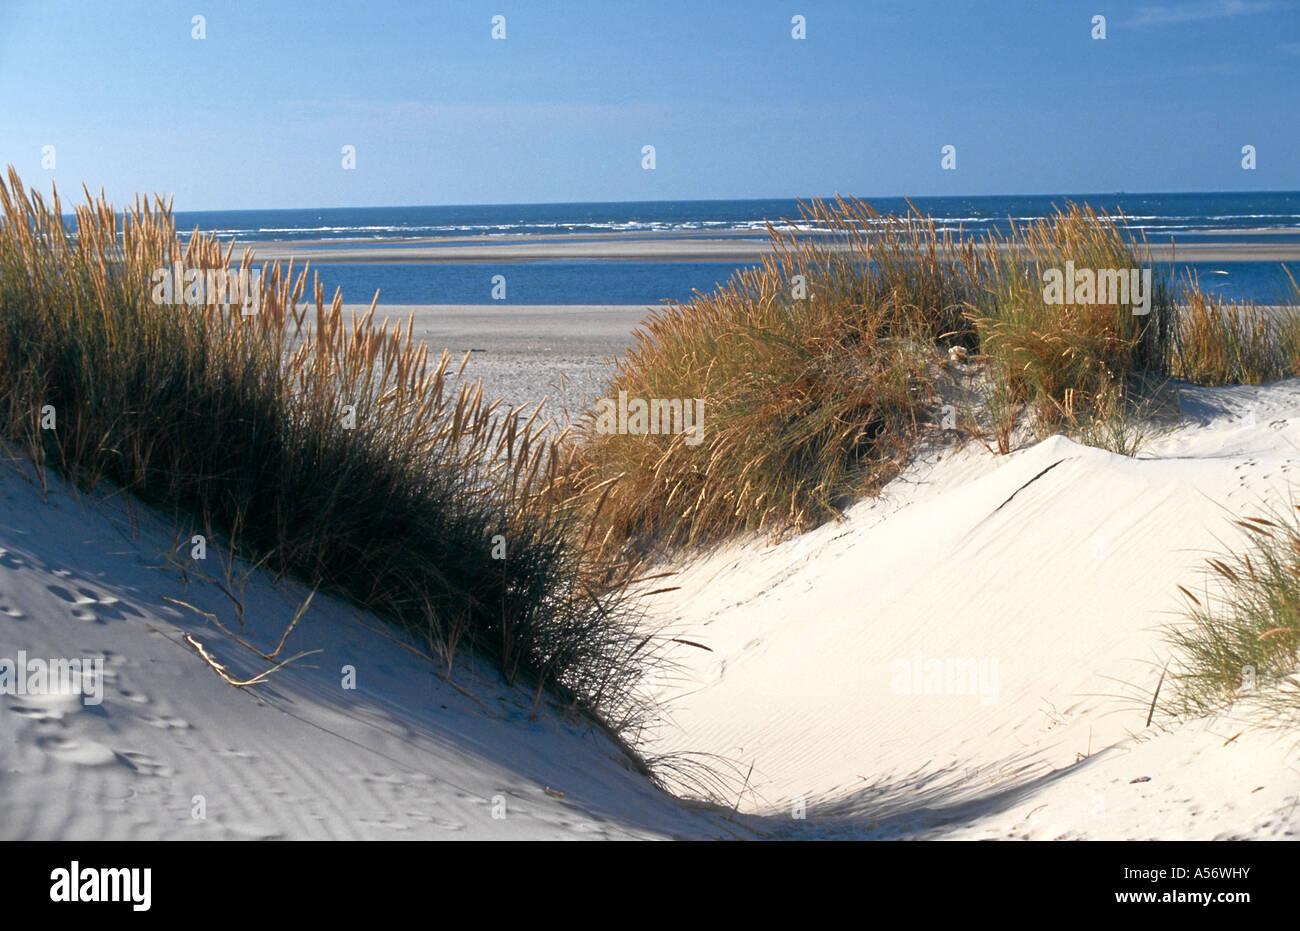 Duenen Insel Baltrum Ostfriesland Nordsee Niedersachsen Deutschland North Sea Germany - Stock Image